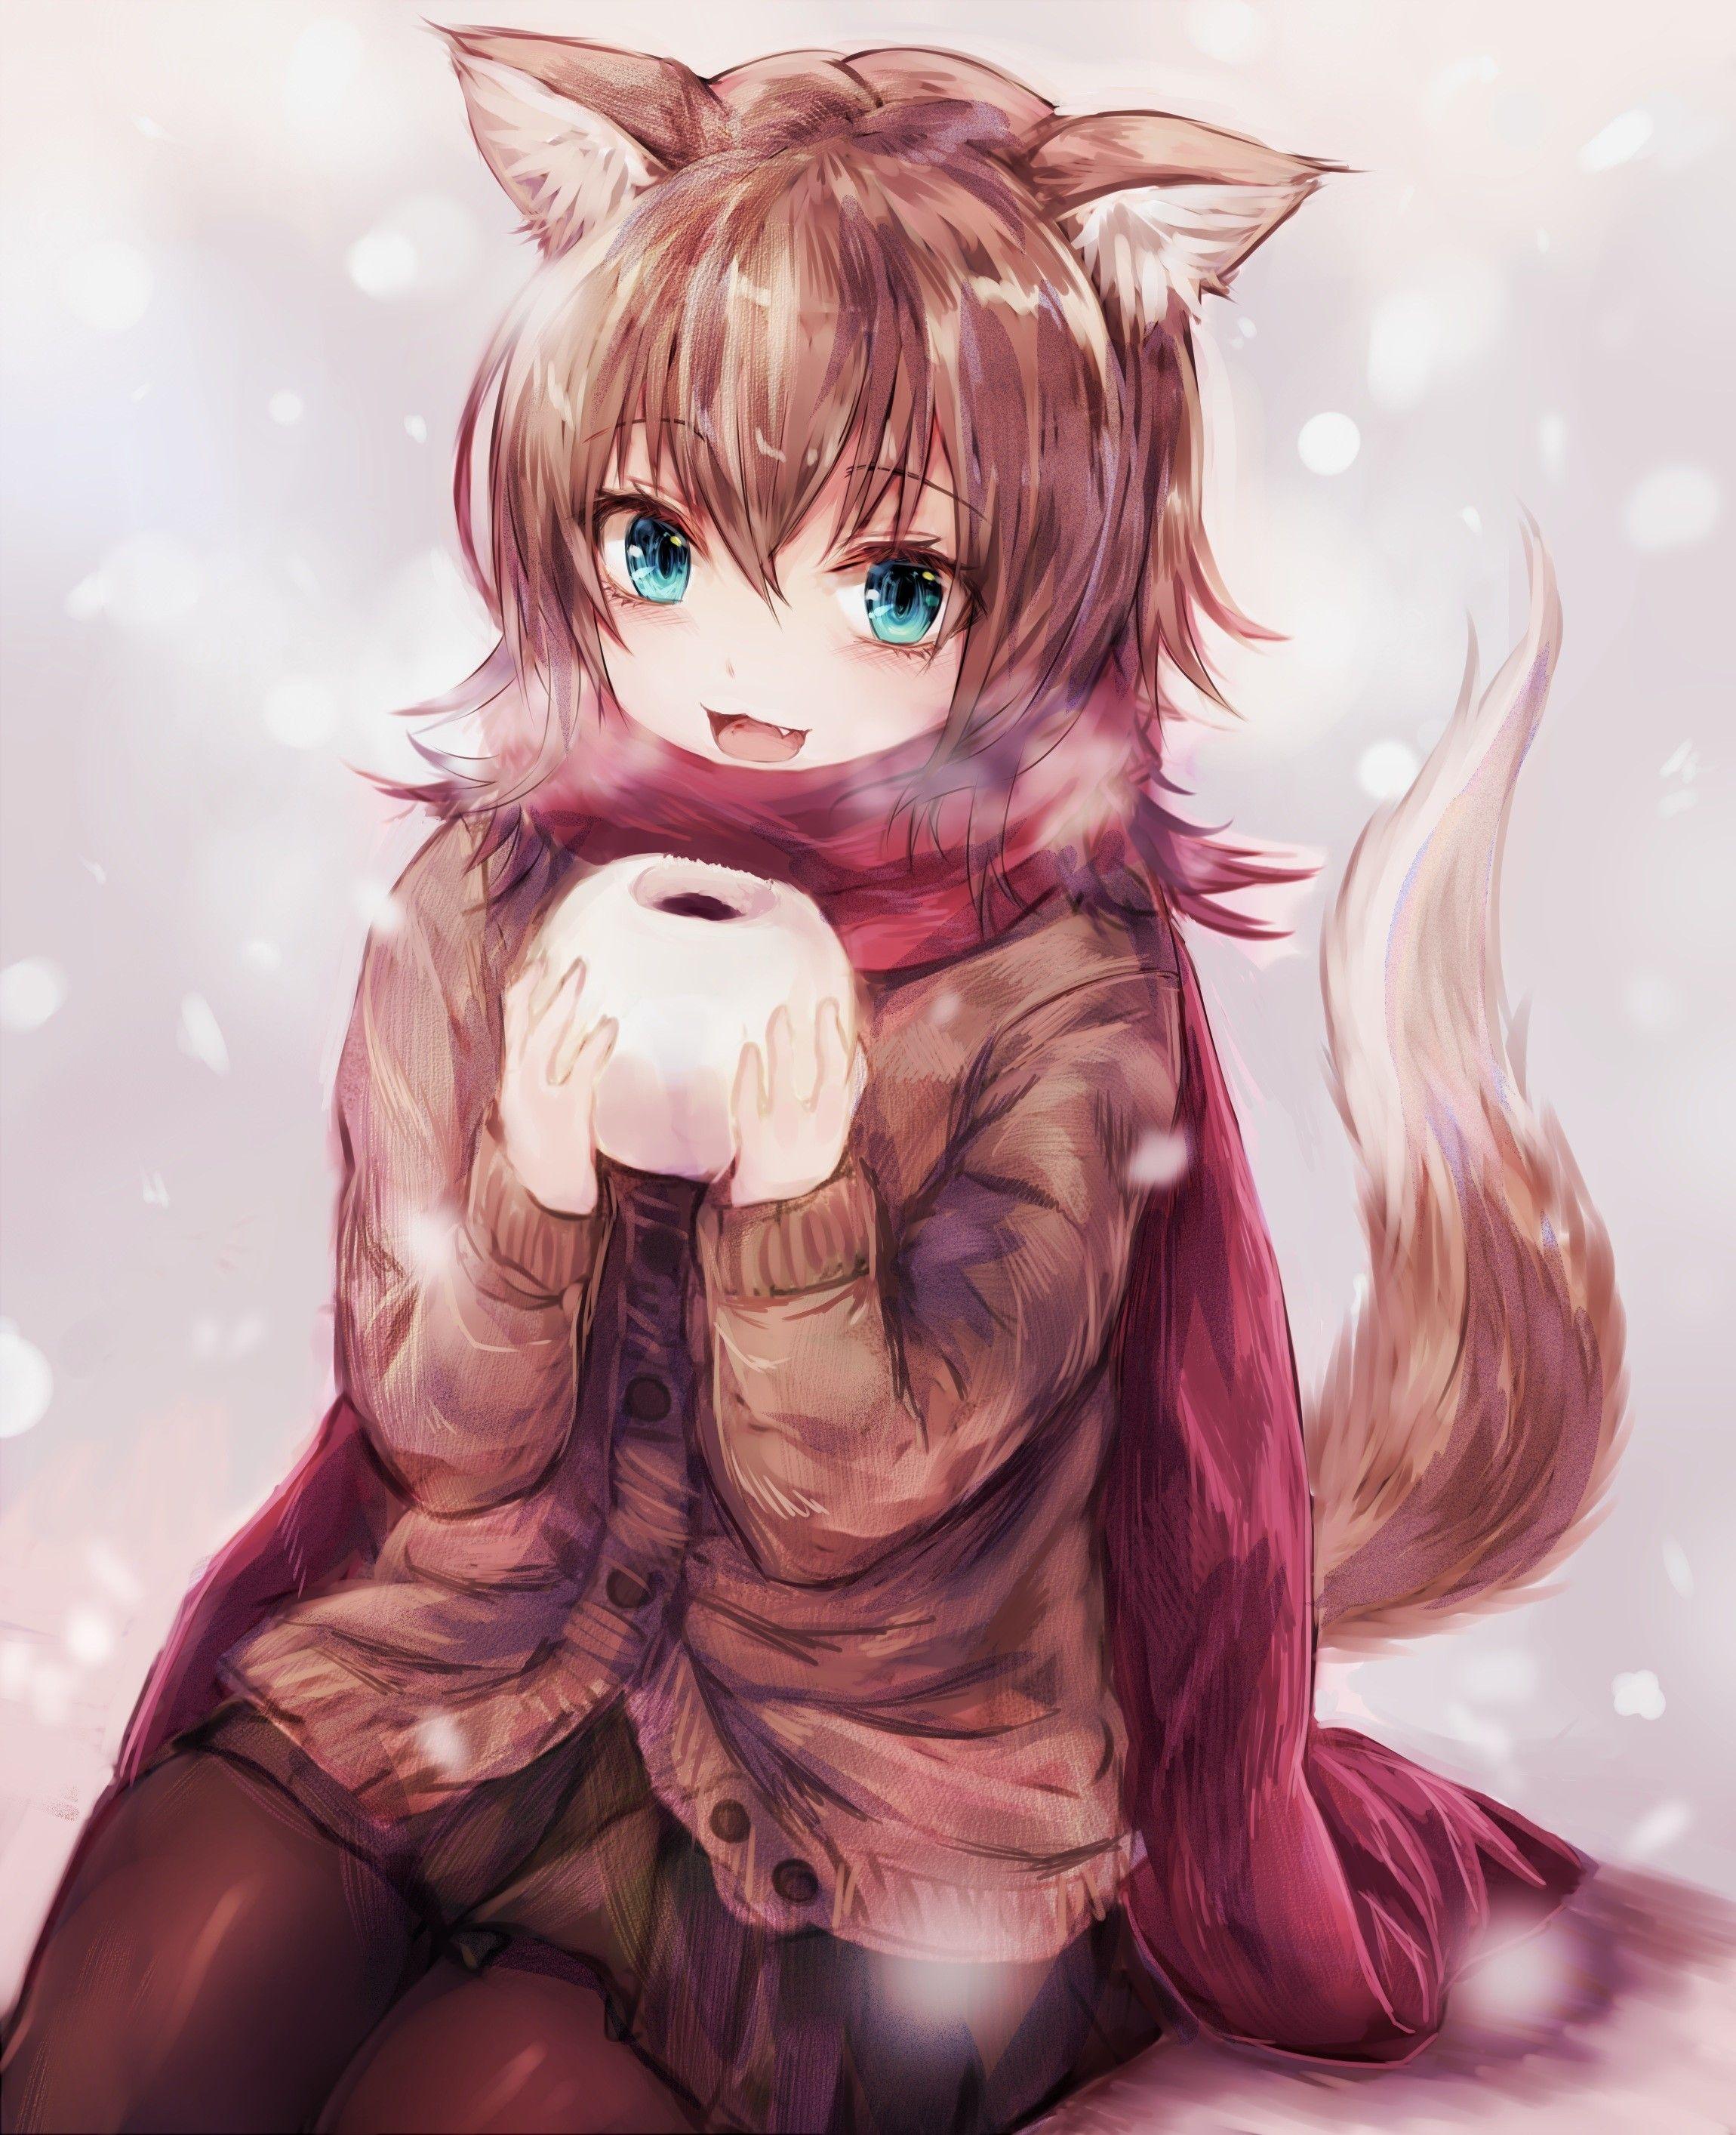 Anime Fox Girl Wallpaper : anime, wallpaper, Anime, Wallpapers, Wallpaper